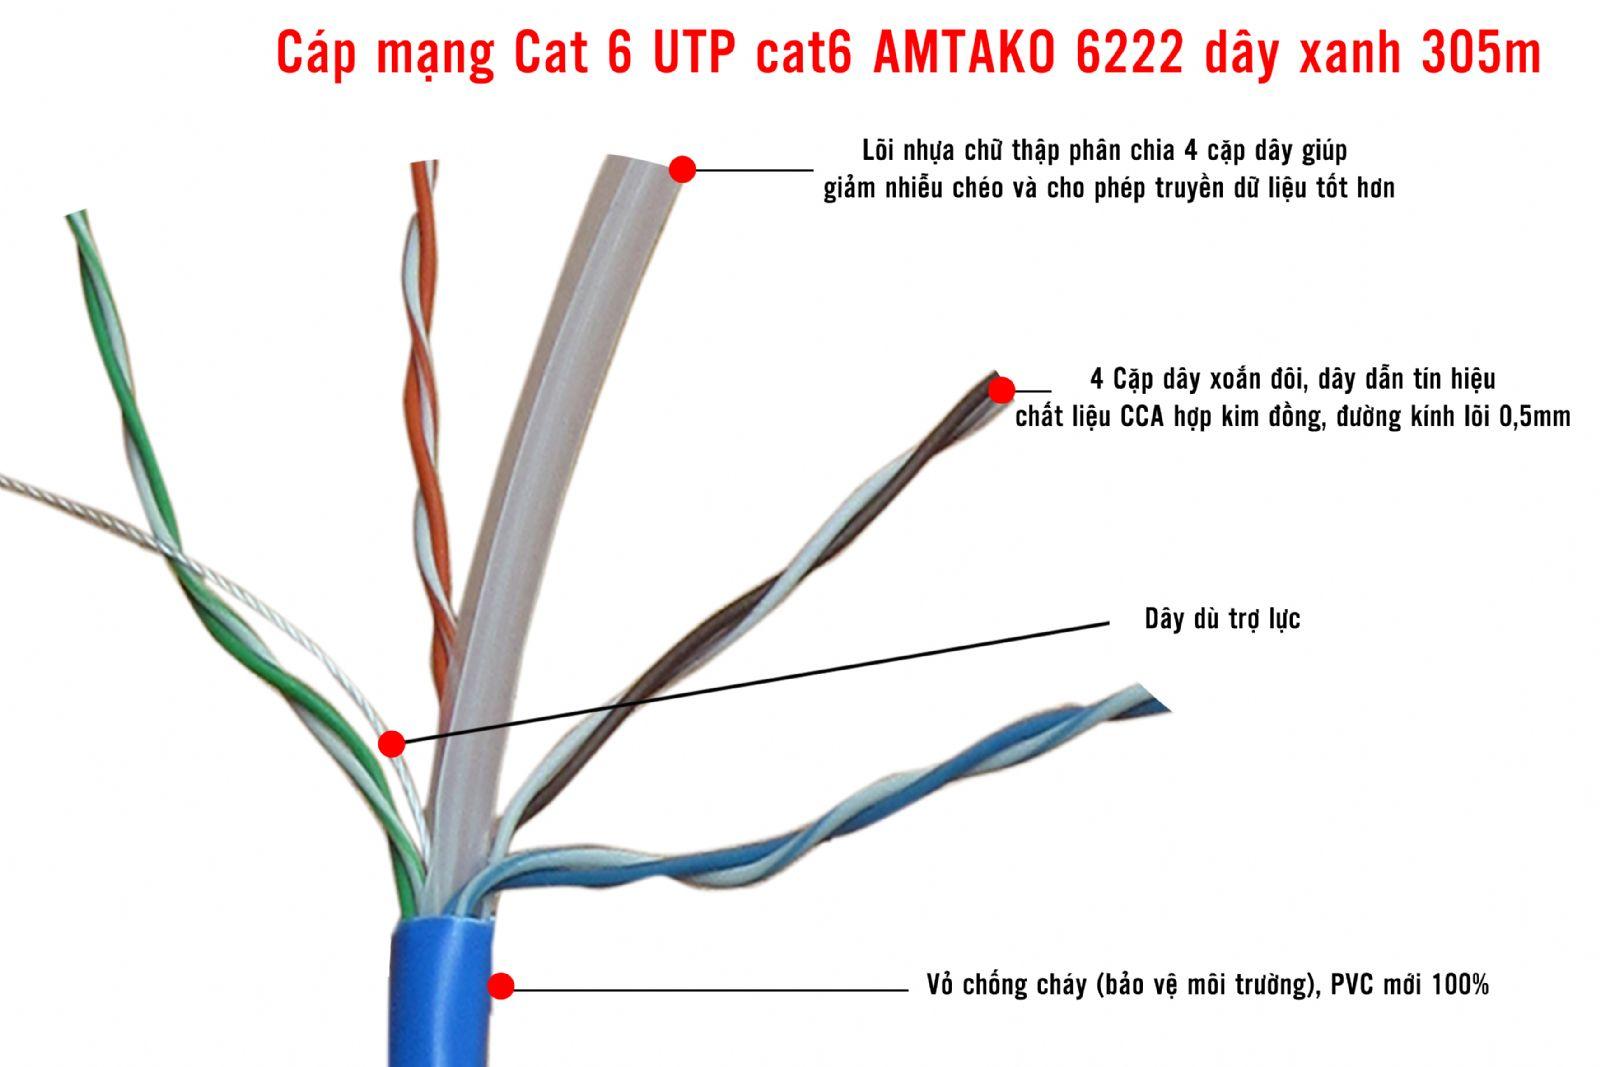 Kết quả hình ảnh cho dây cáp mạng cat6